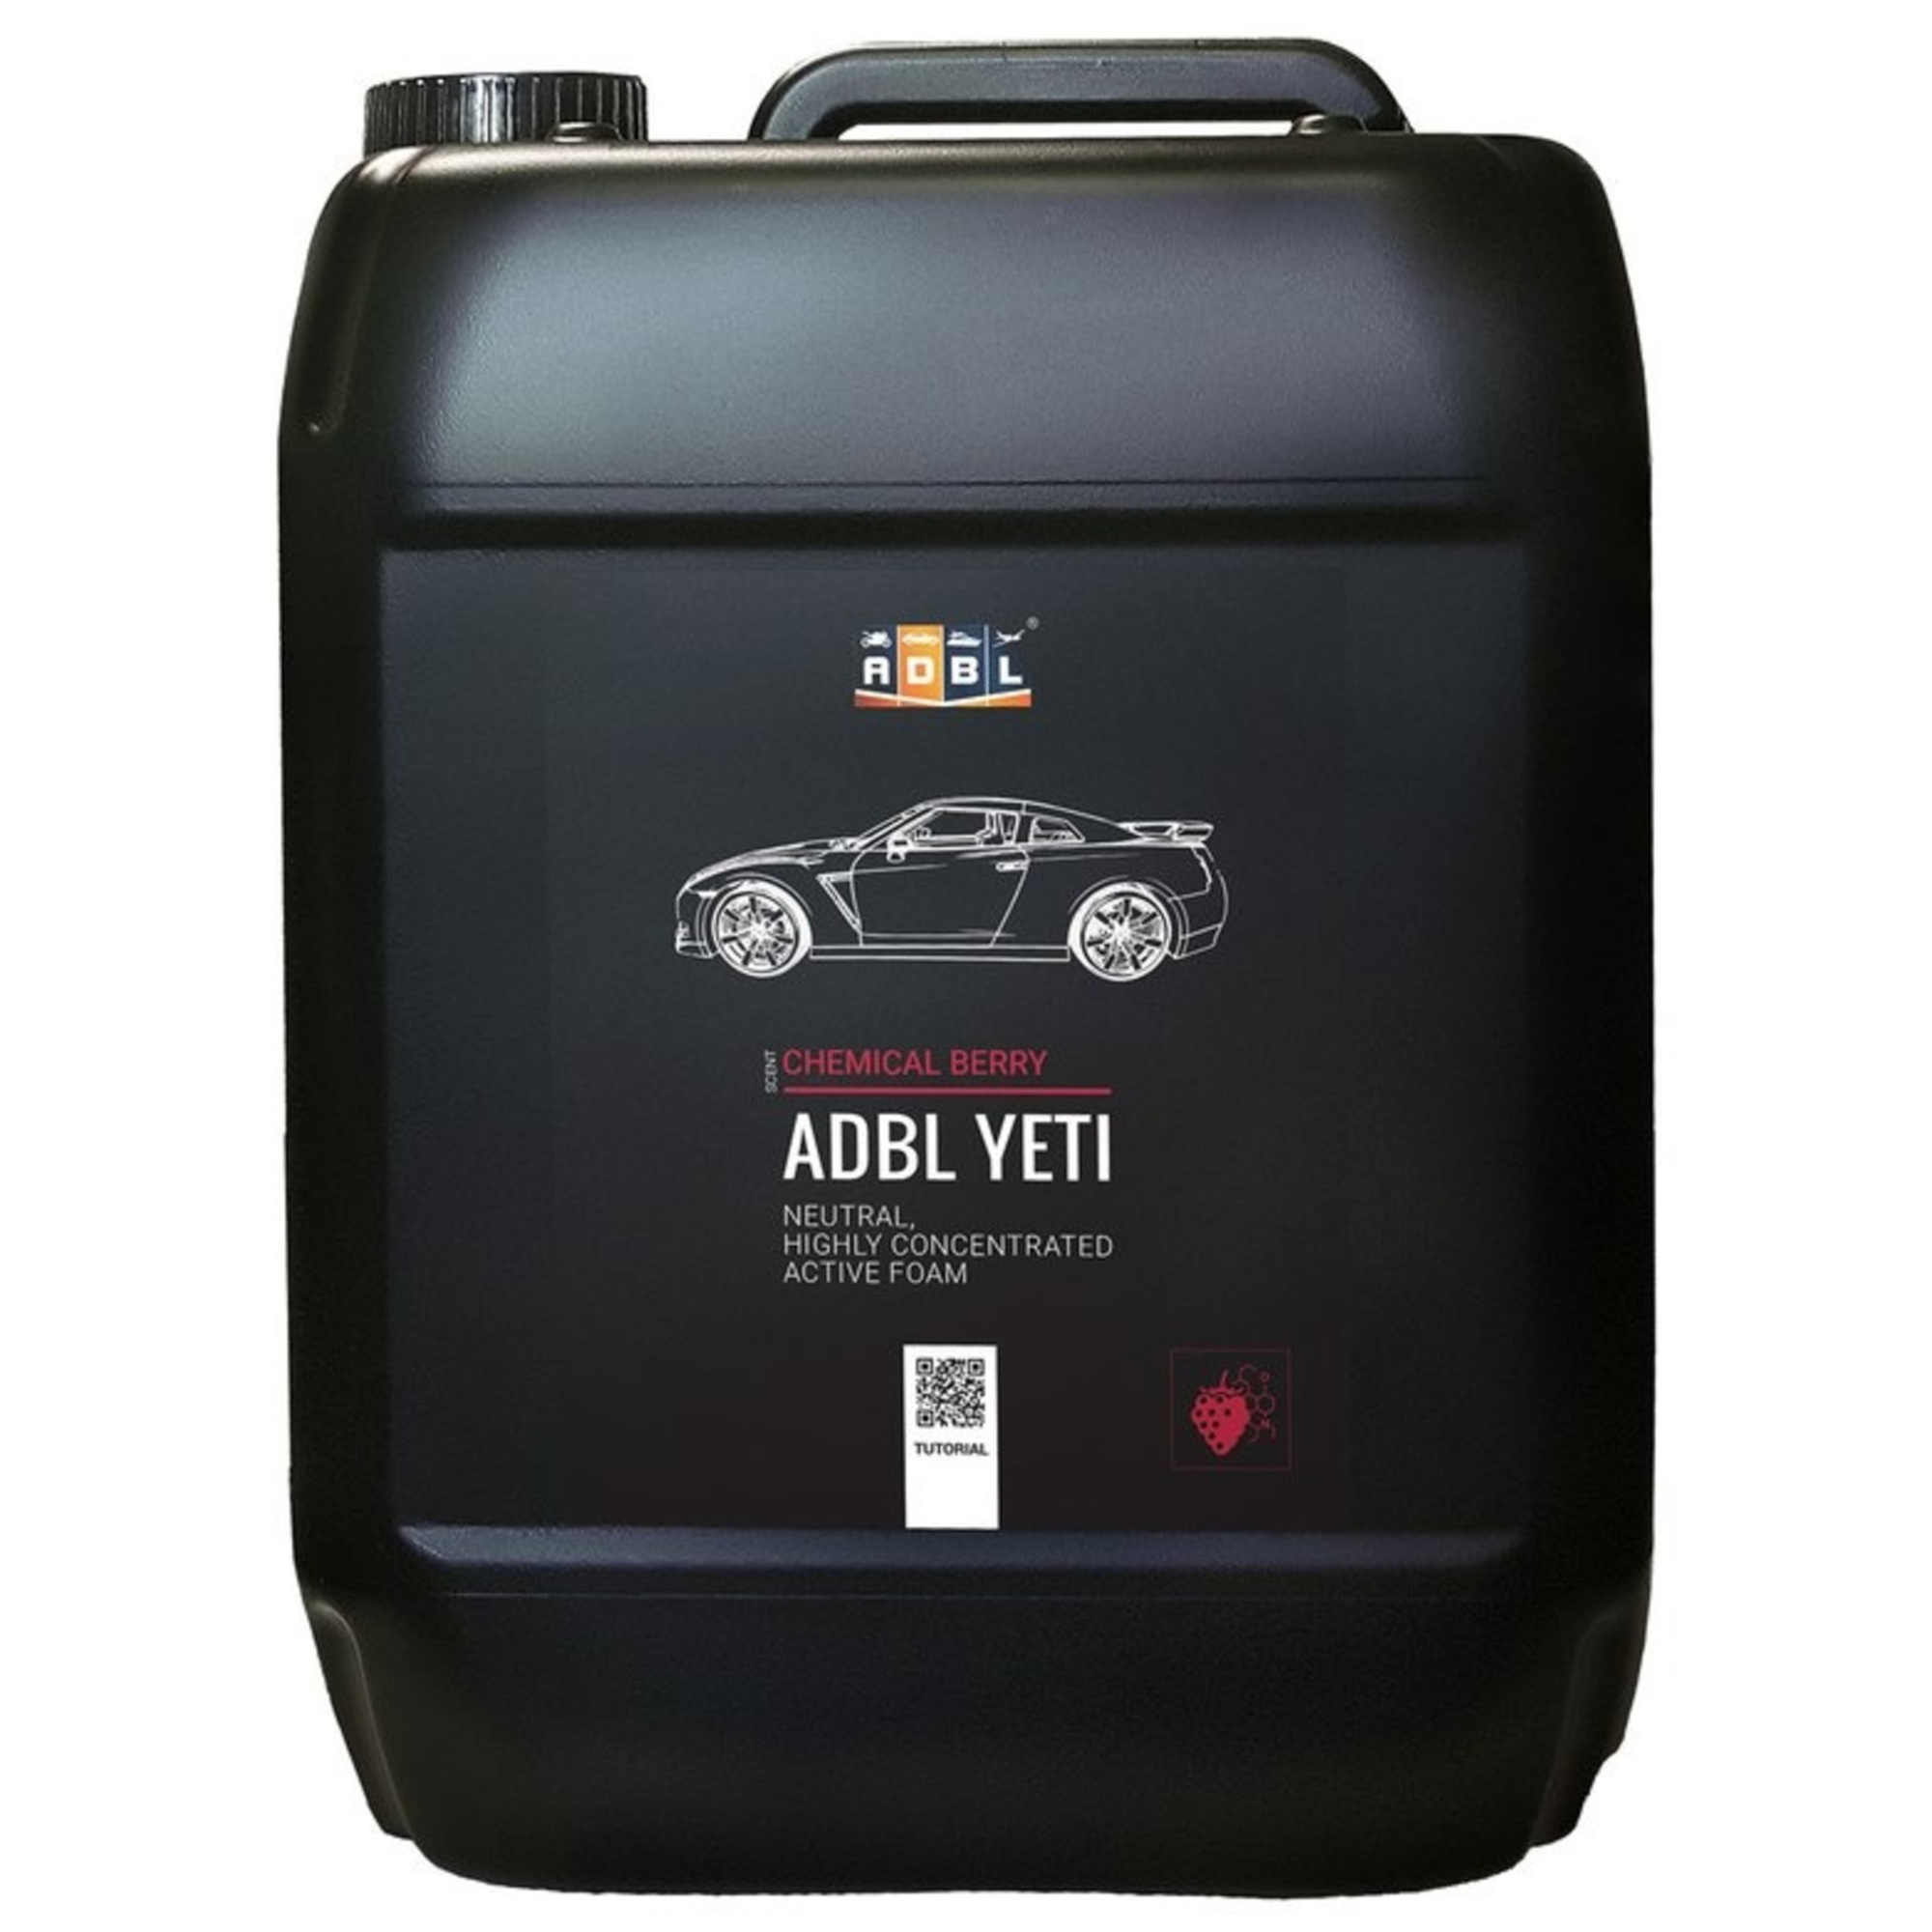 ADBL ADBL Yeti Snow Foam Chemical Berry 5000ml